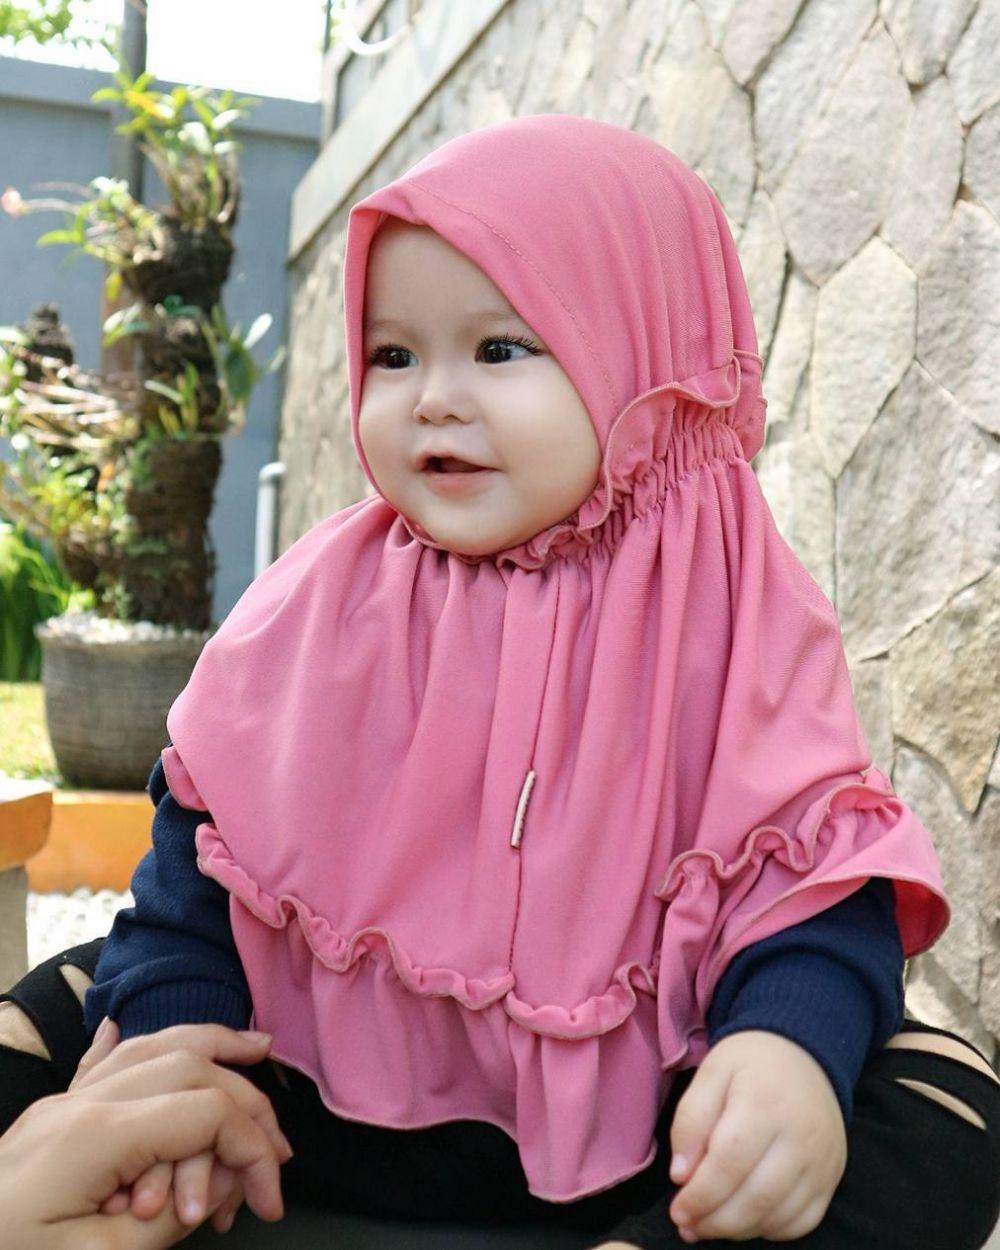 10 26 Naura Alaydrus, Bayi 1 Tahun yang Hits Karena Hijabnya, Seperti ini 12 Potret Lucunya, Gemesin Banget